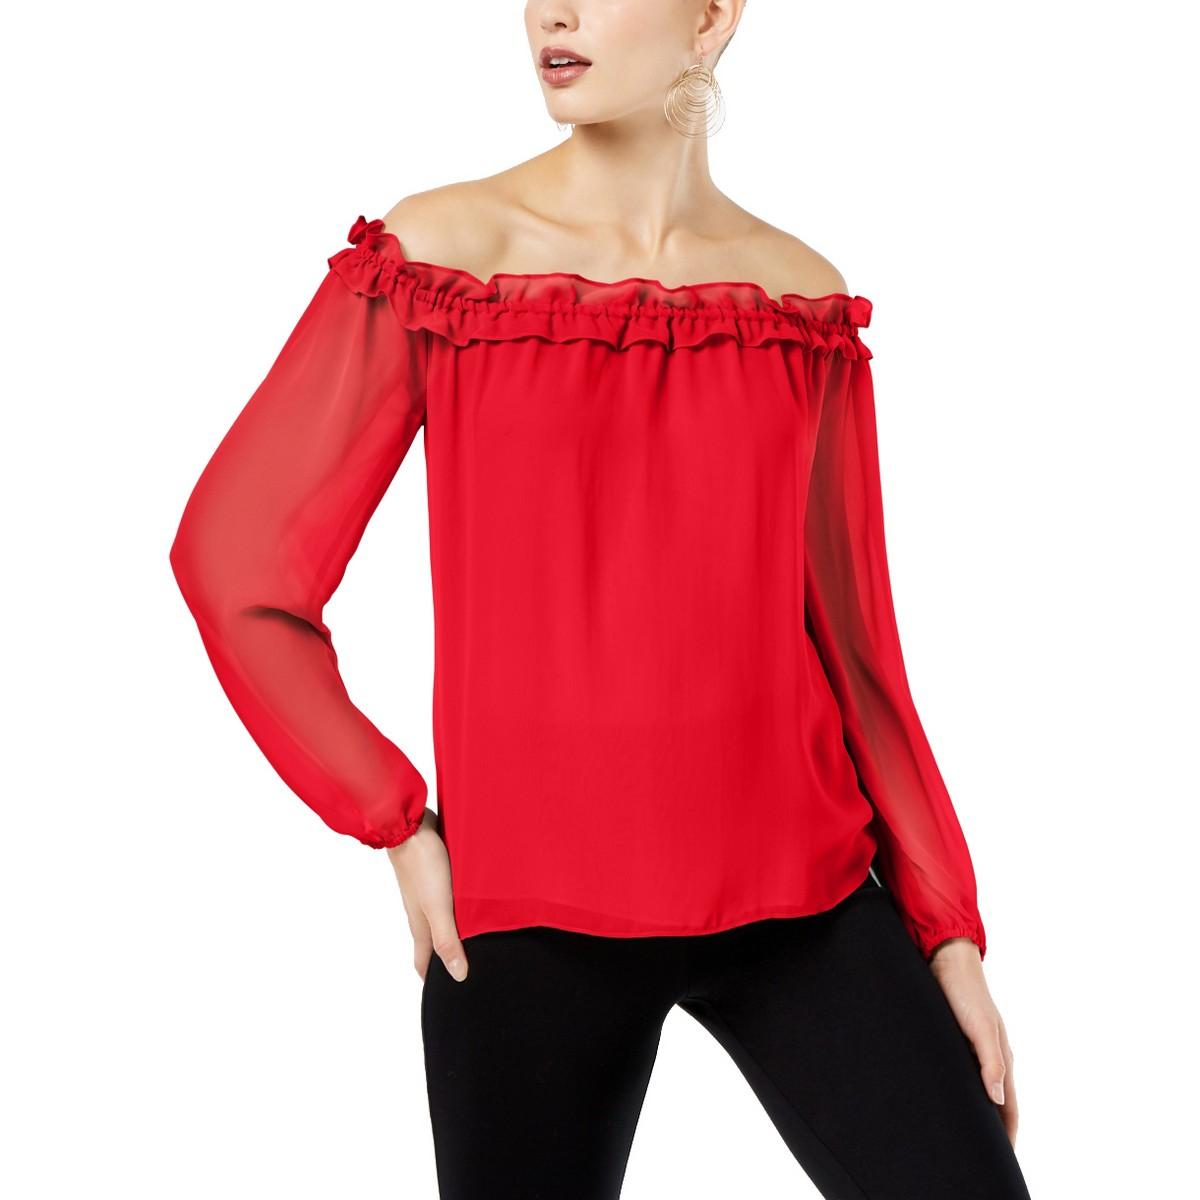 5d814aac2ae8 Inc Nuevo Mujer Hombro Descubierto con Volantes Blusa Camisa Top Tedo | eBay